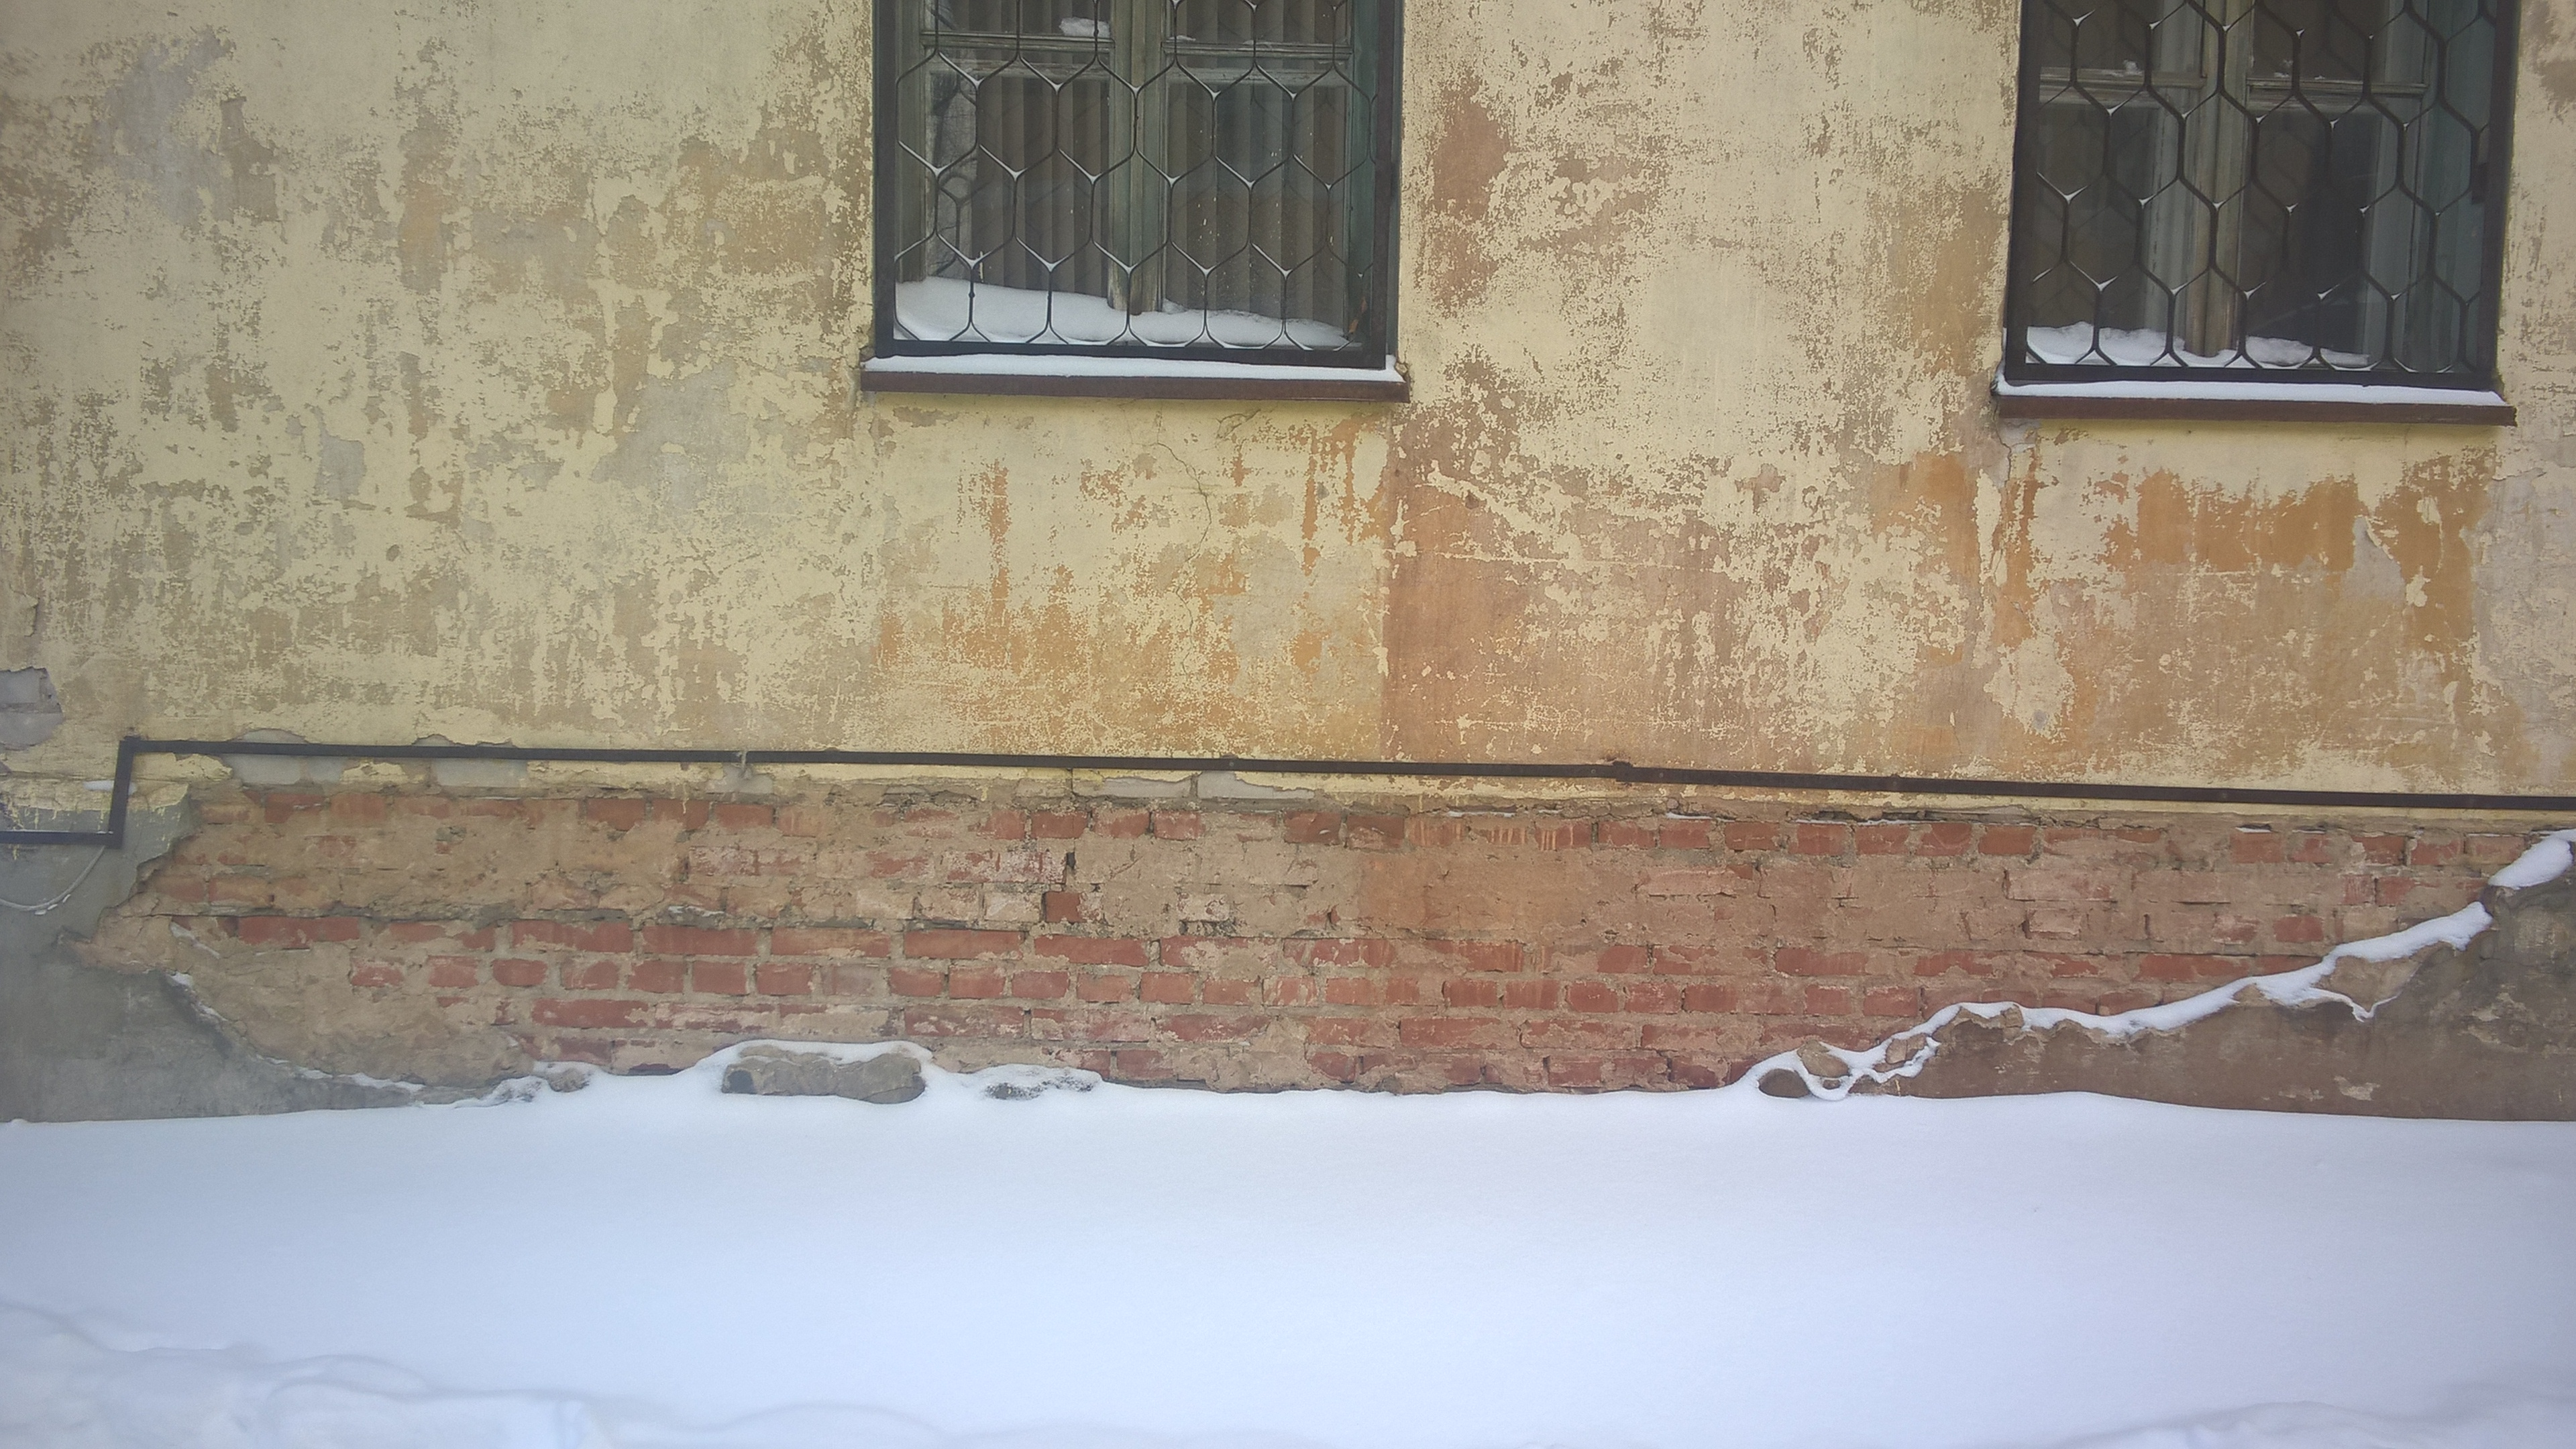 Разрушение здания через отмостку